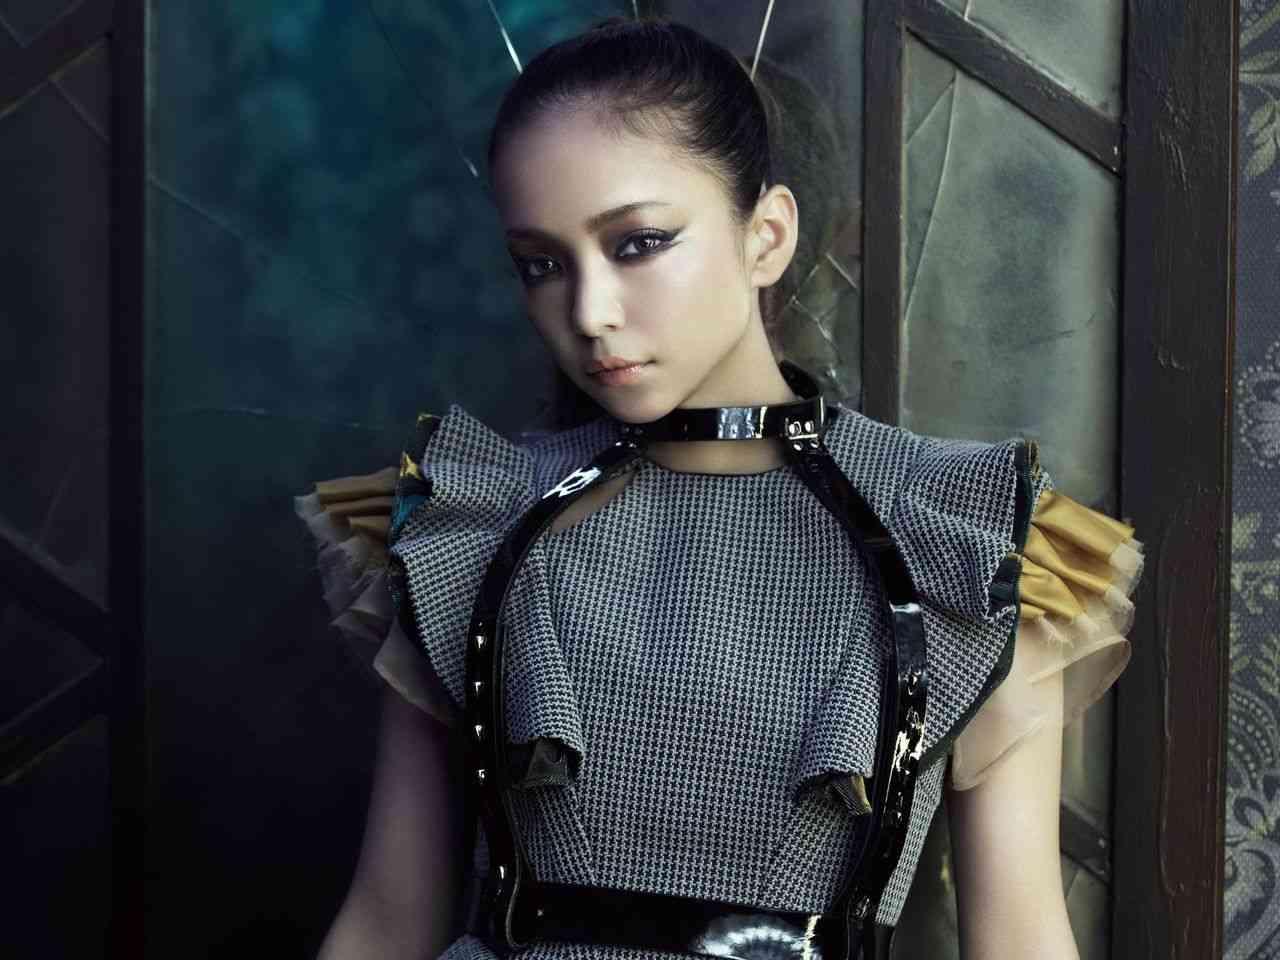 攻め続ける安室奈美恵!!英語詞の曲が大胆過ぎてホットすぎる!!のサムネイル画像